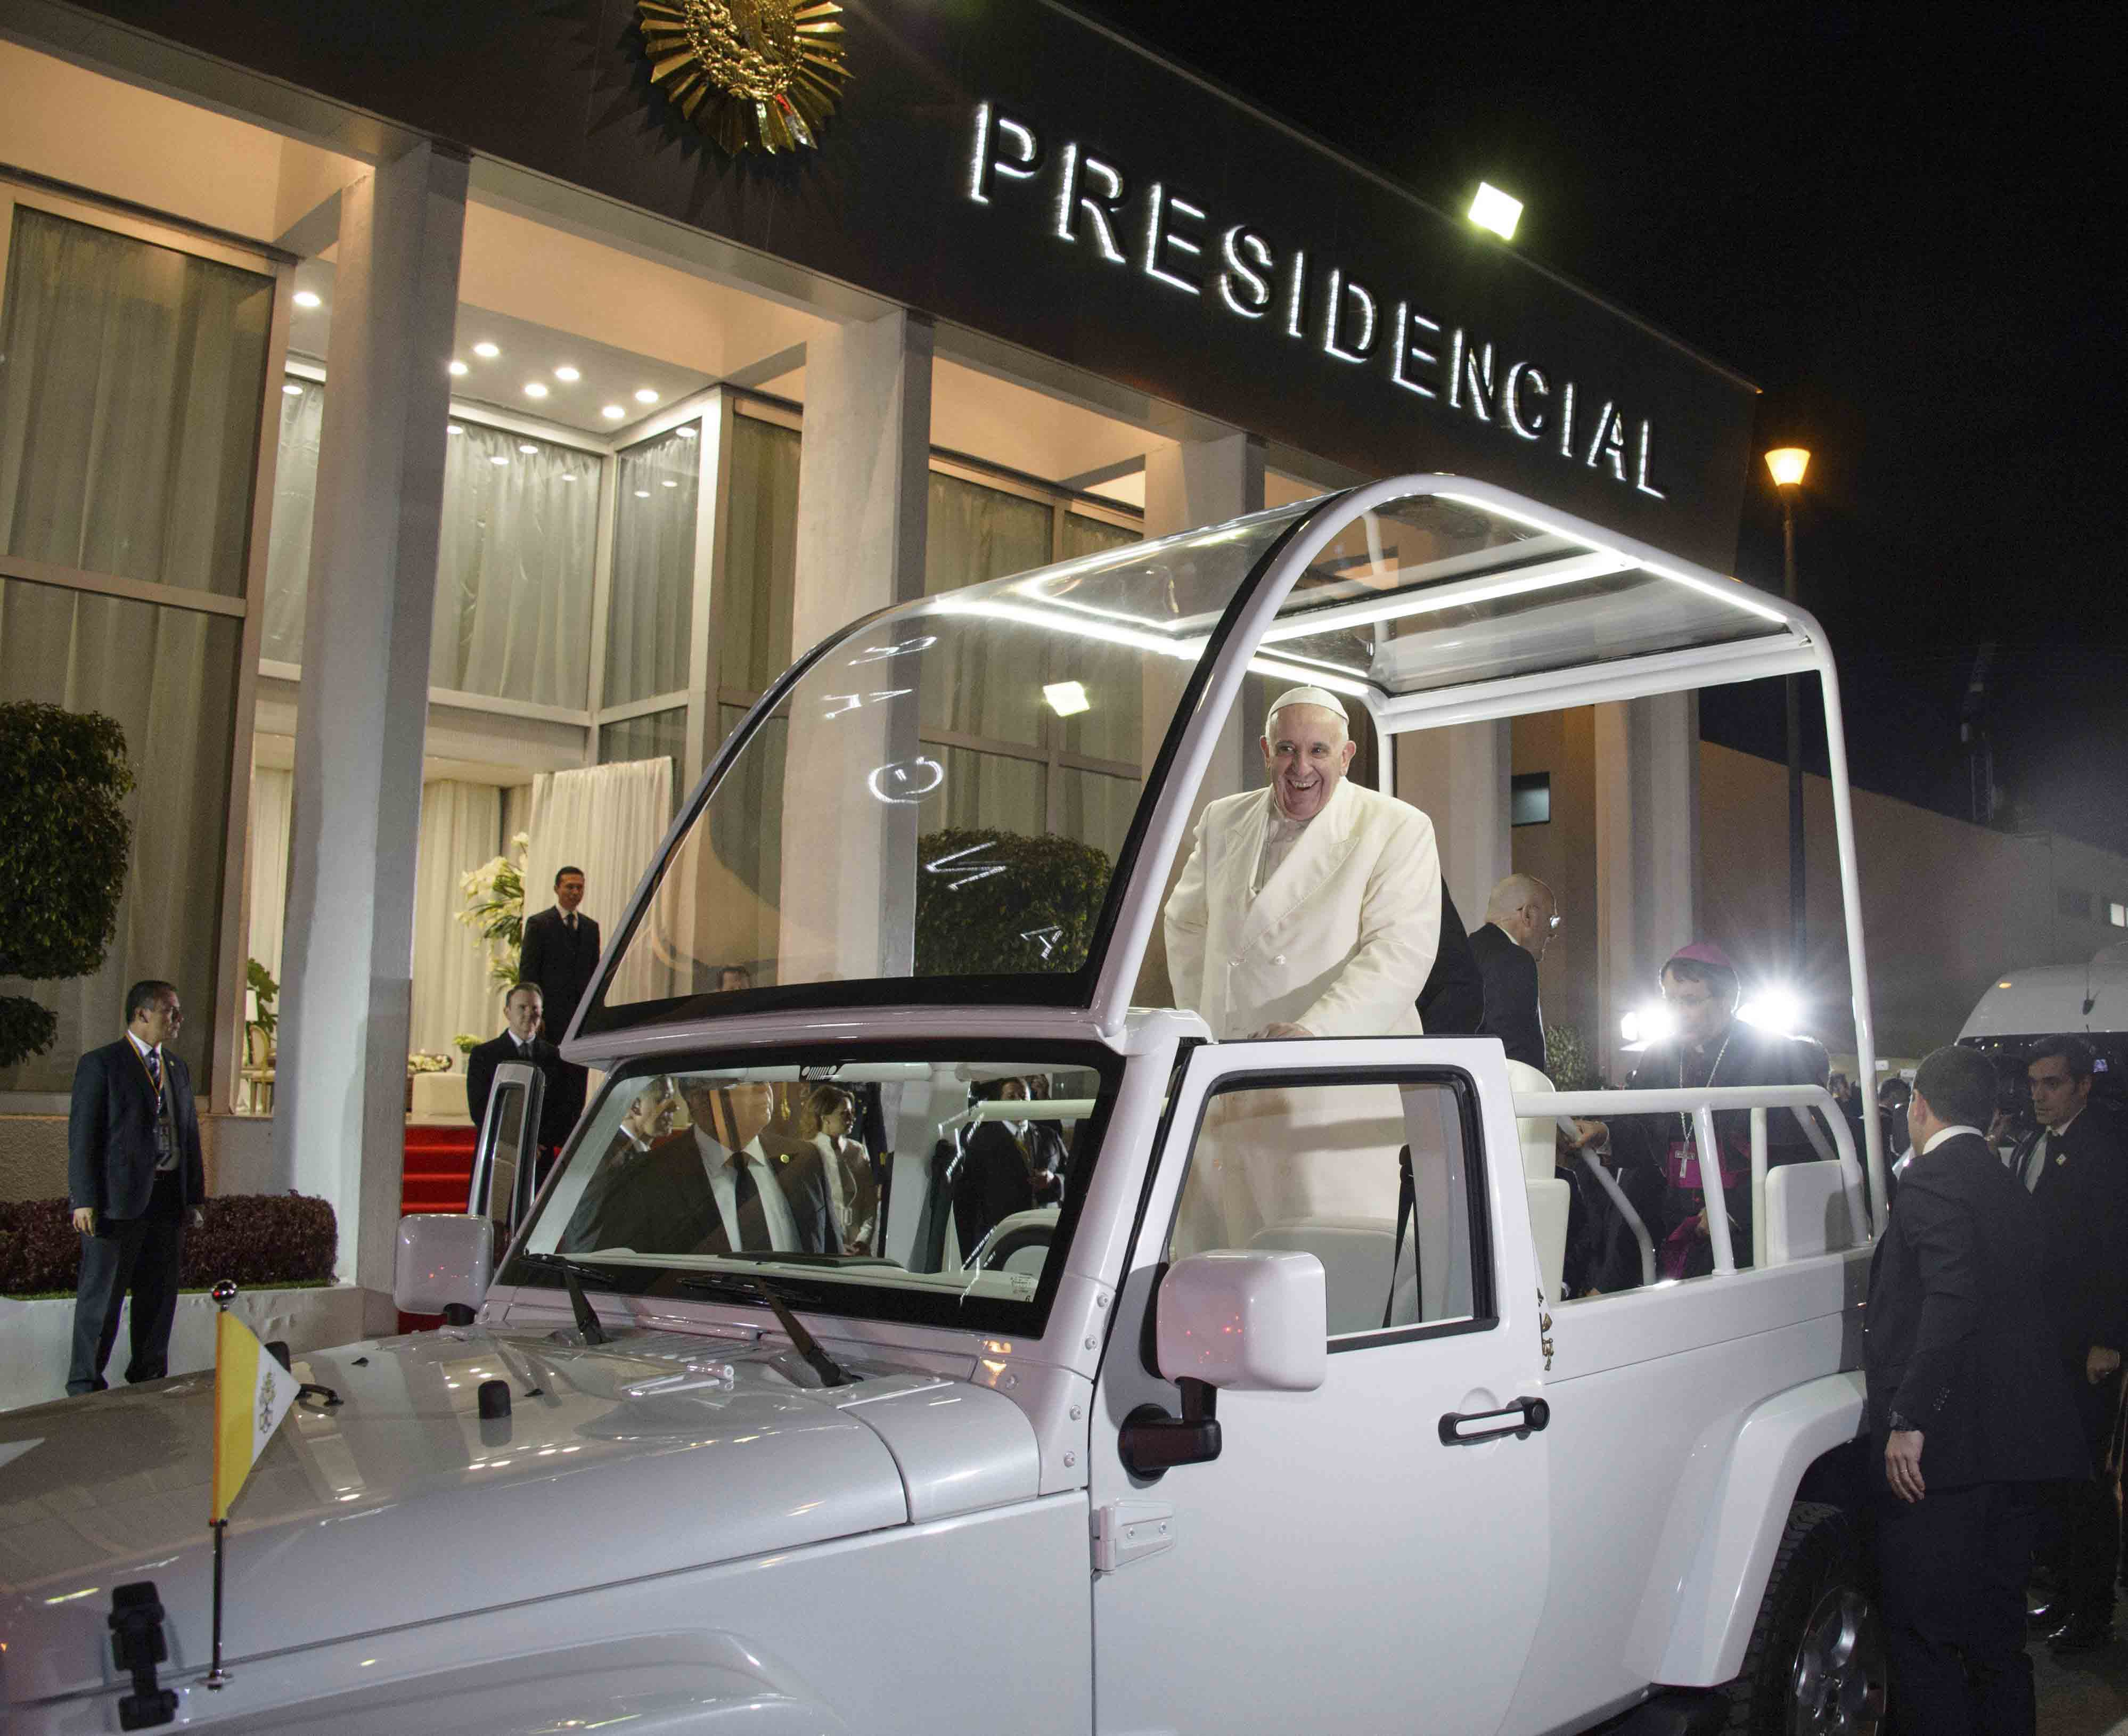 informacion y prensa de la presidencia: